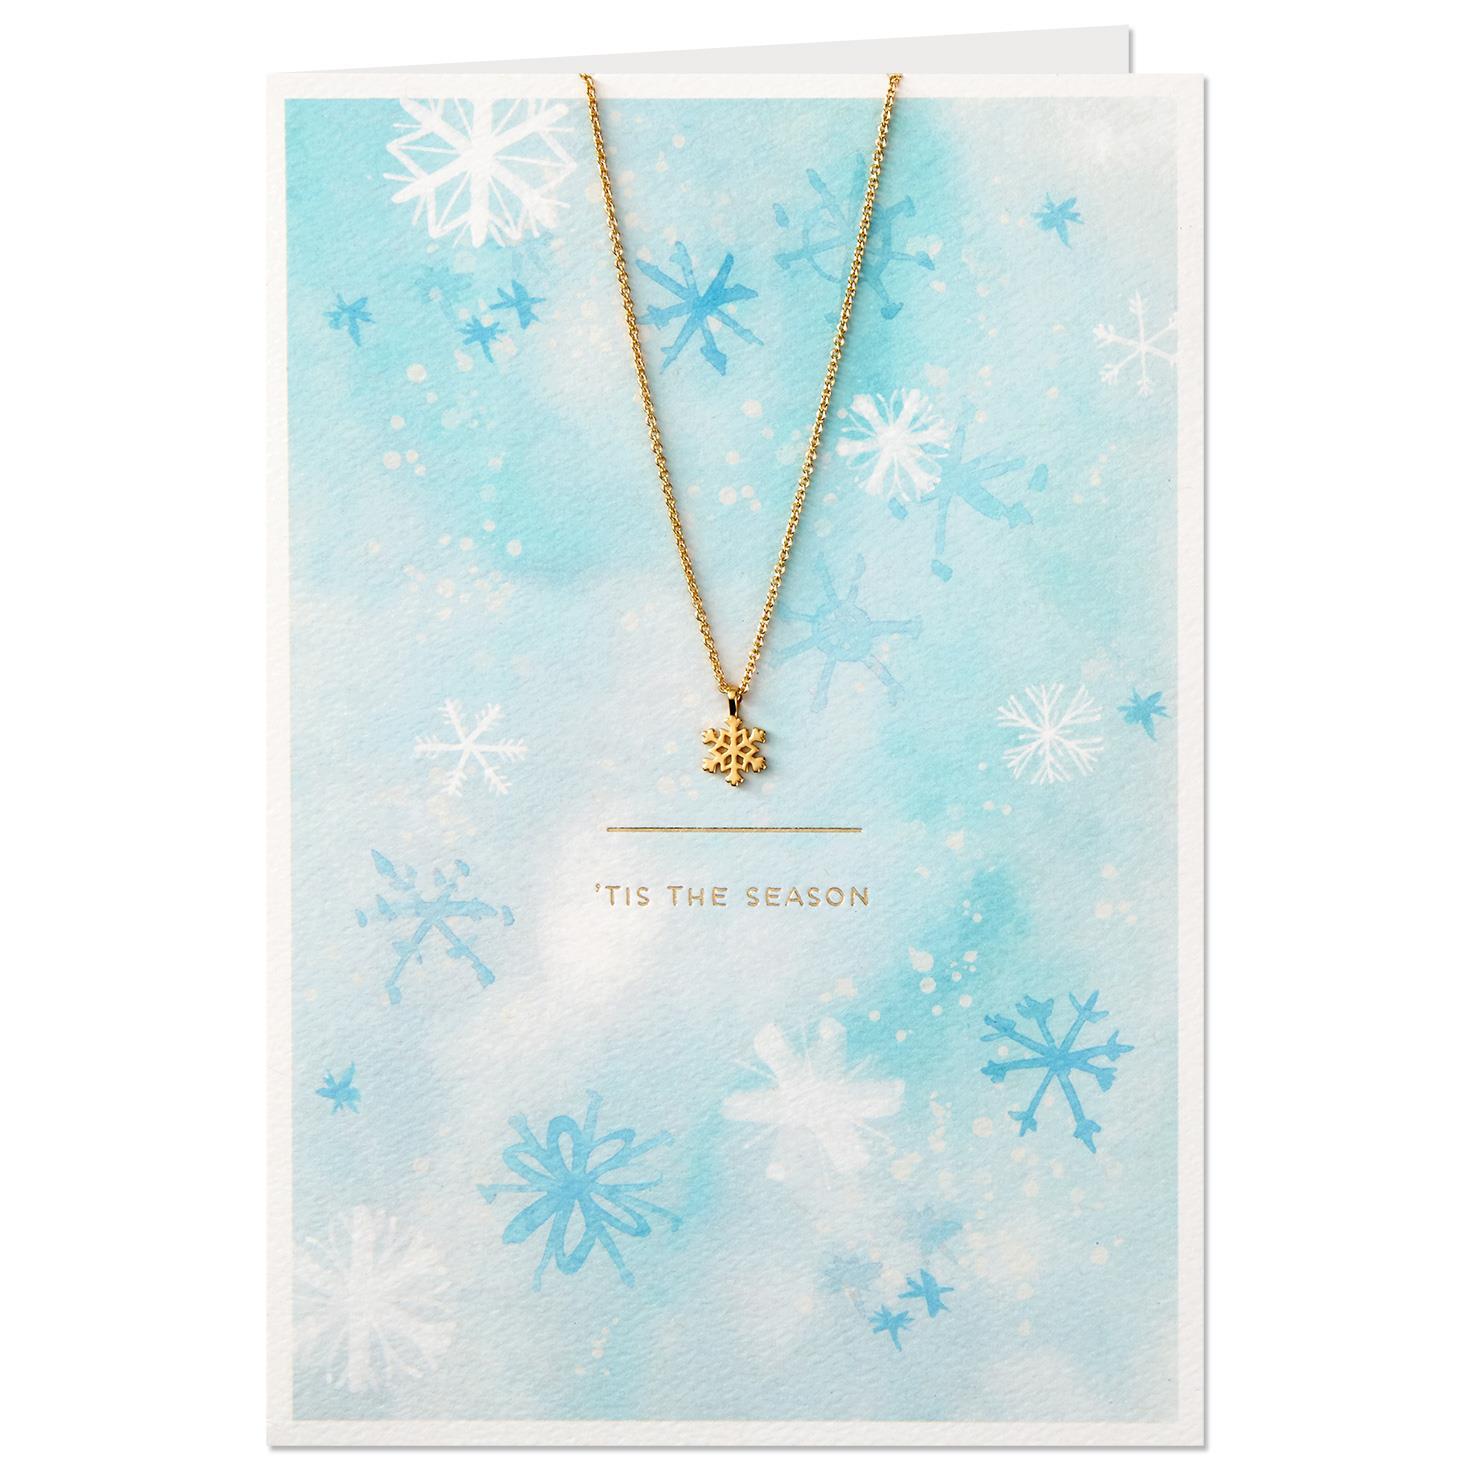 Tis The Season Christmas Card With Snowflake Charm